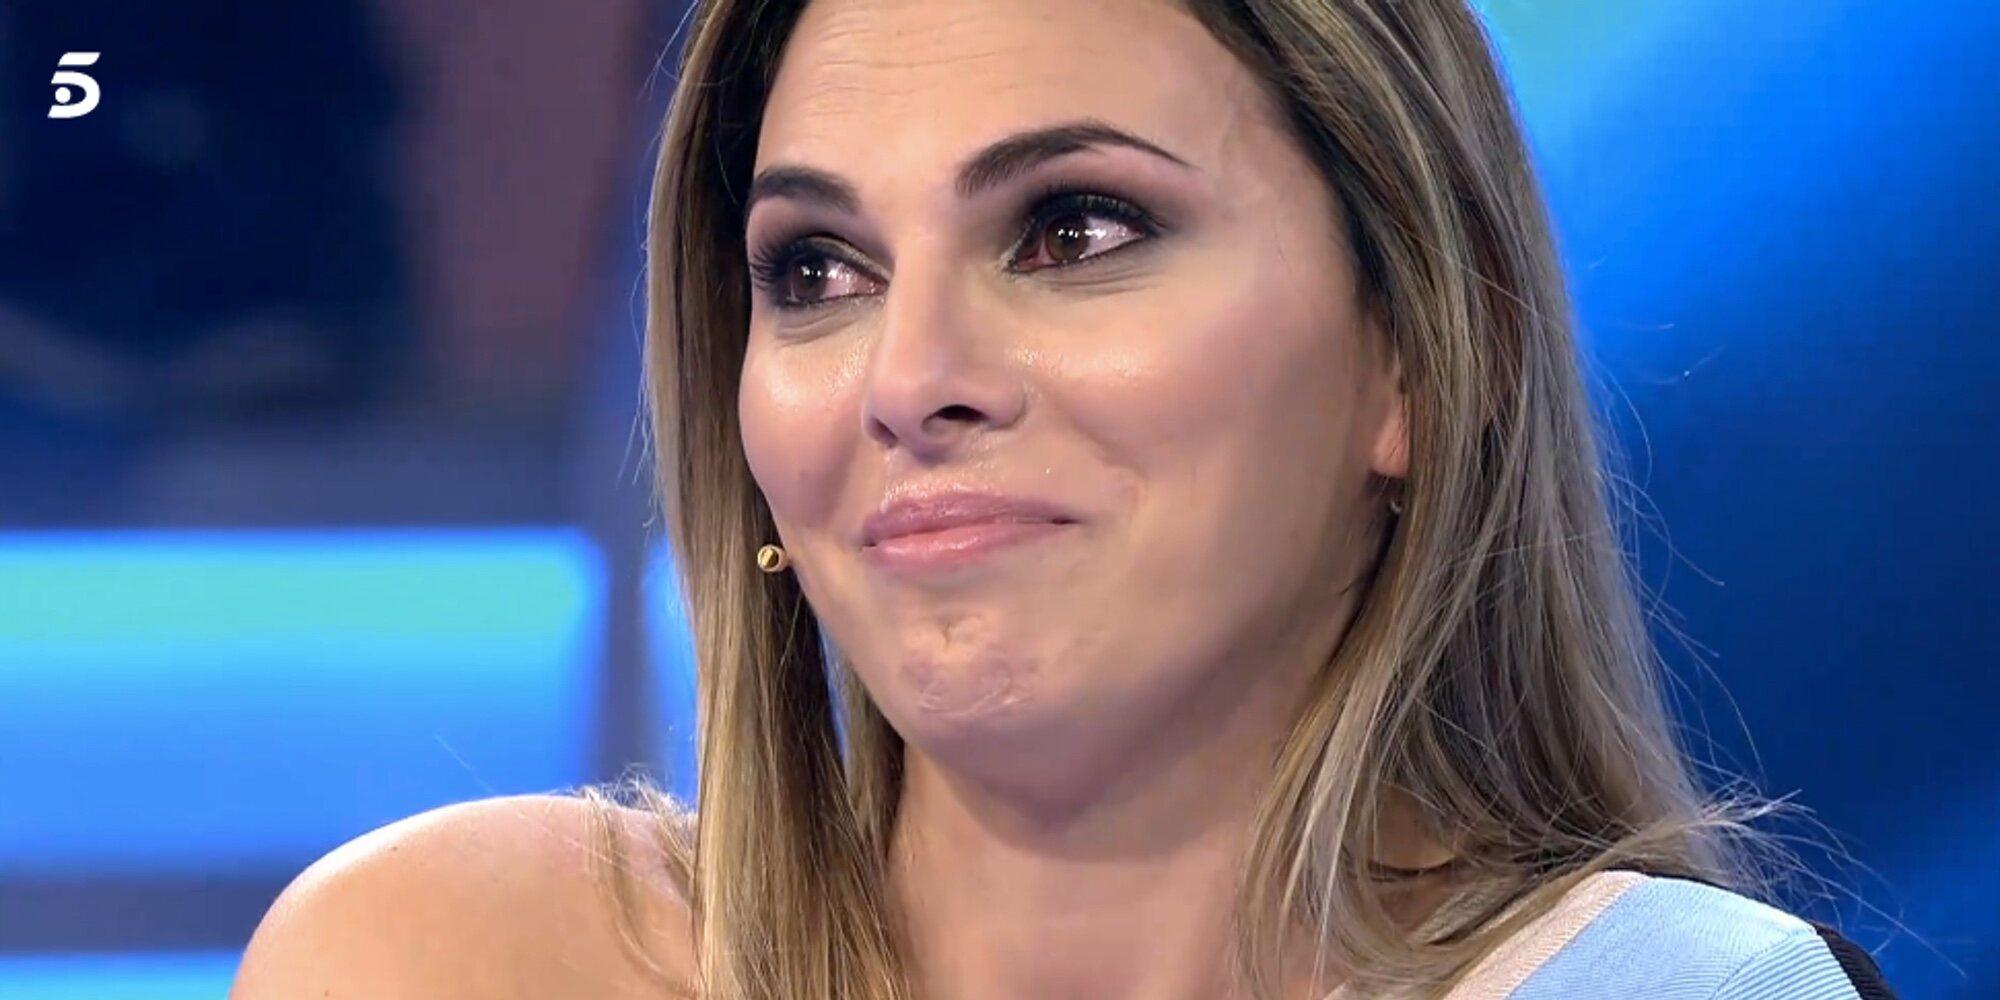 """La emotiva sorpresa de la hermana de Irene Rosales: """"Papá y mamá están muy orgullosos de ti"""""""